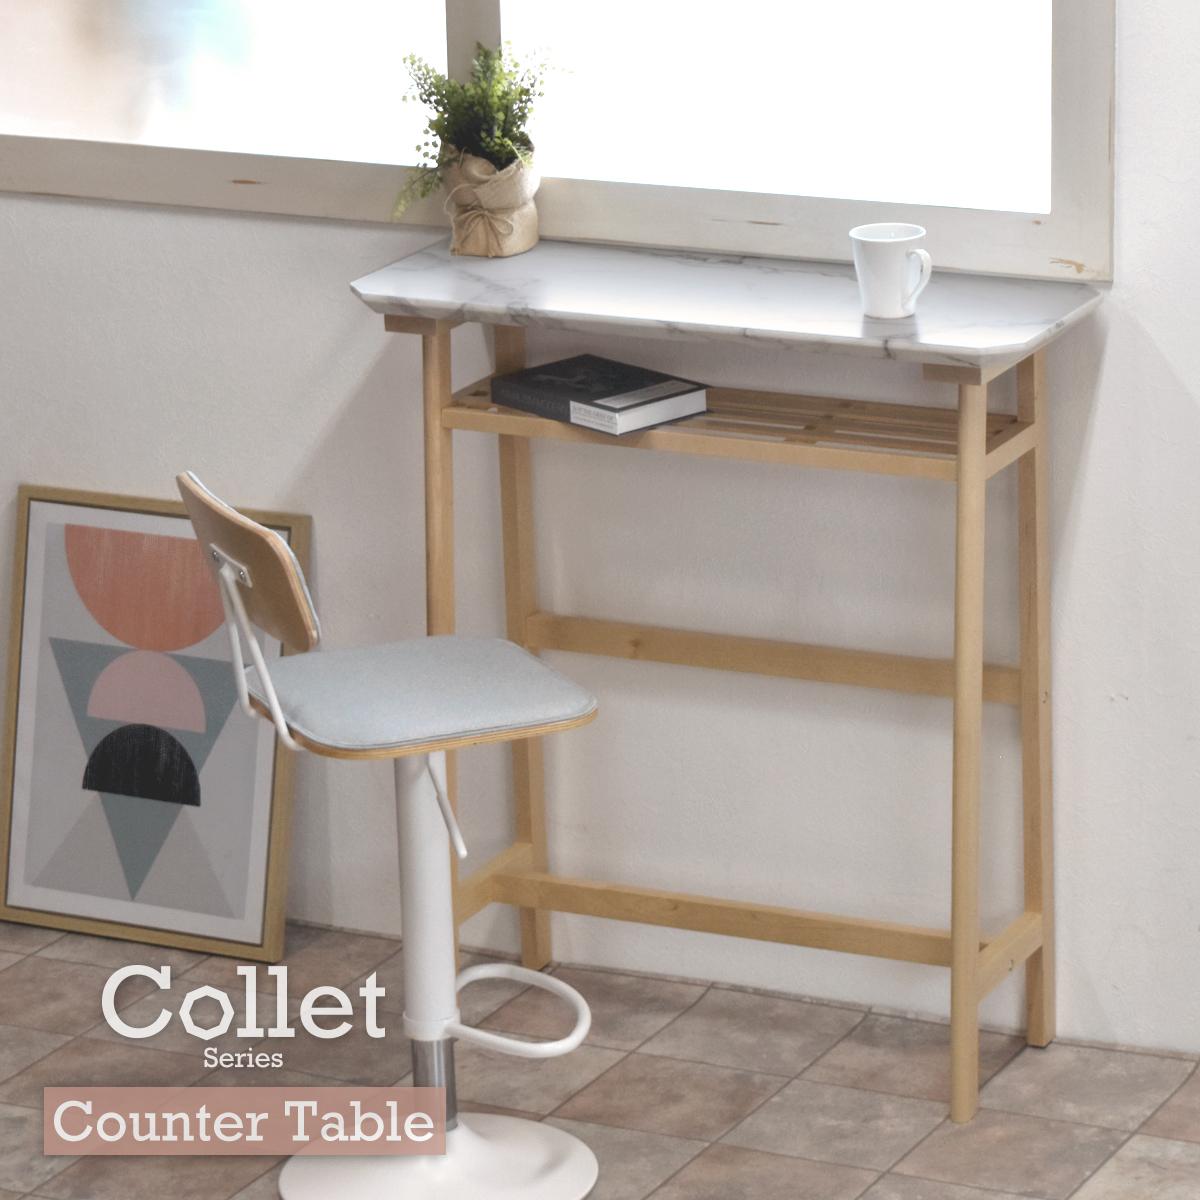 Collet コレット カウンターテーブル COHT-90 天然木 バーチ材 大理石柄